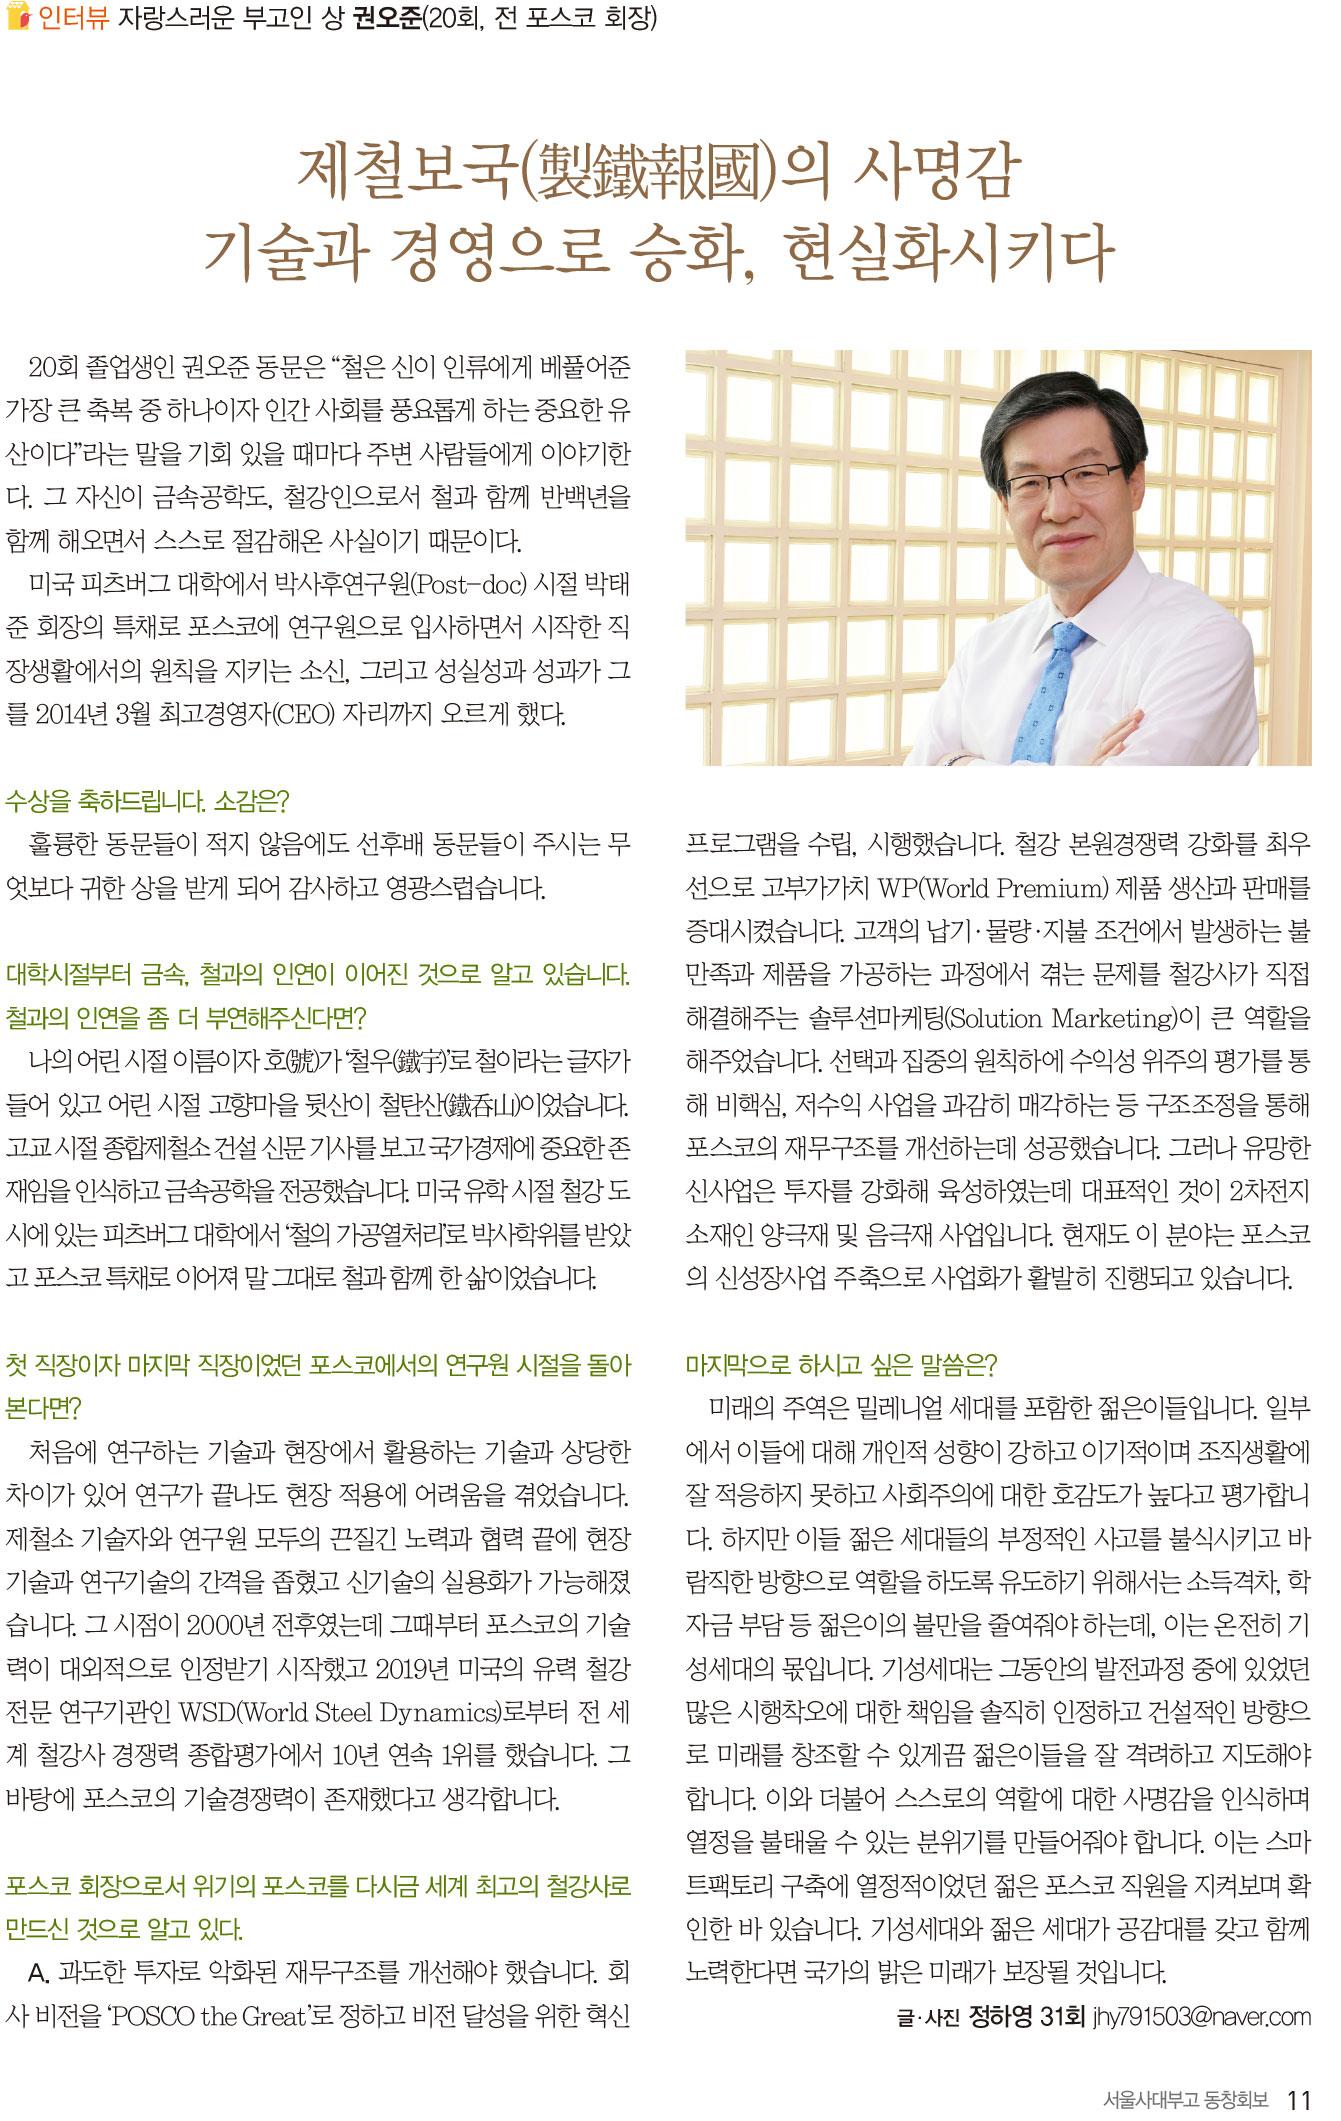 서울사대부고-115호-홈페이지-11.jpg